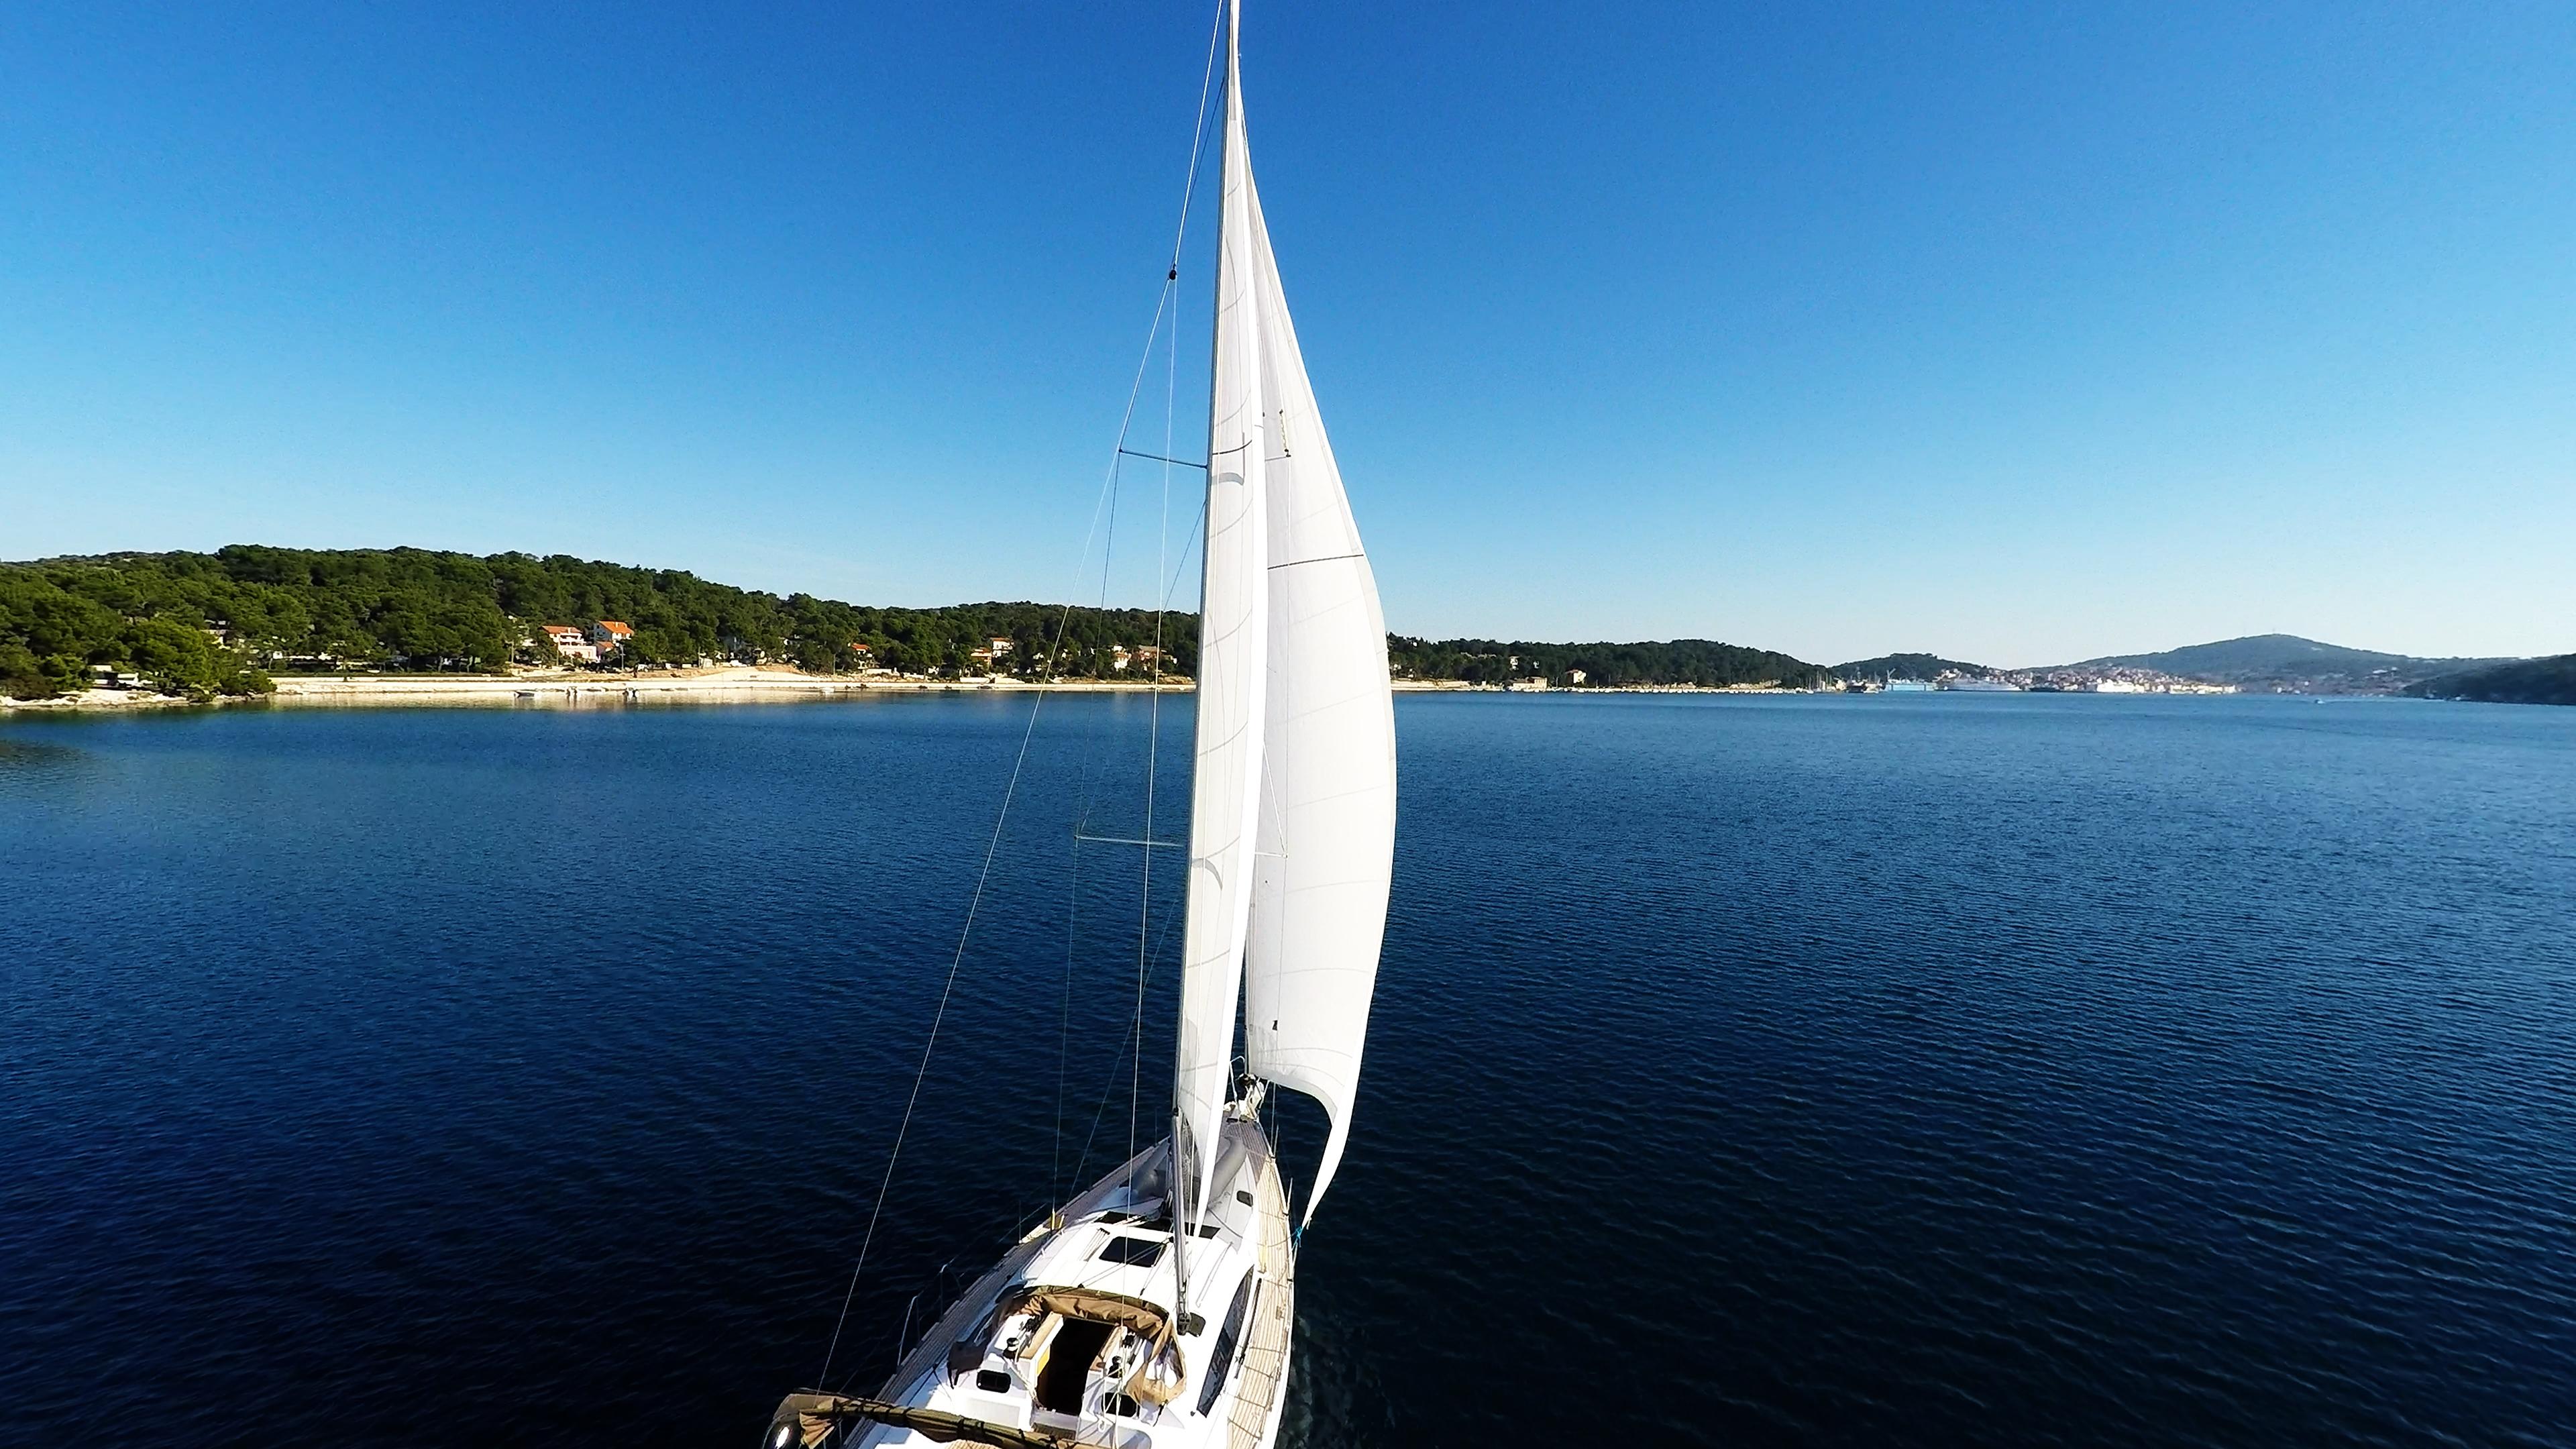 barcha a vela velein mare baia cielo blu yacht a vela